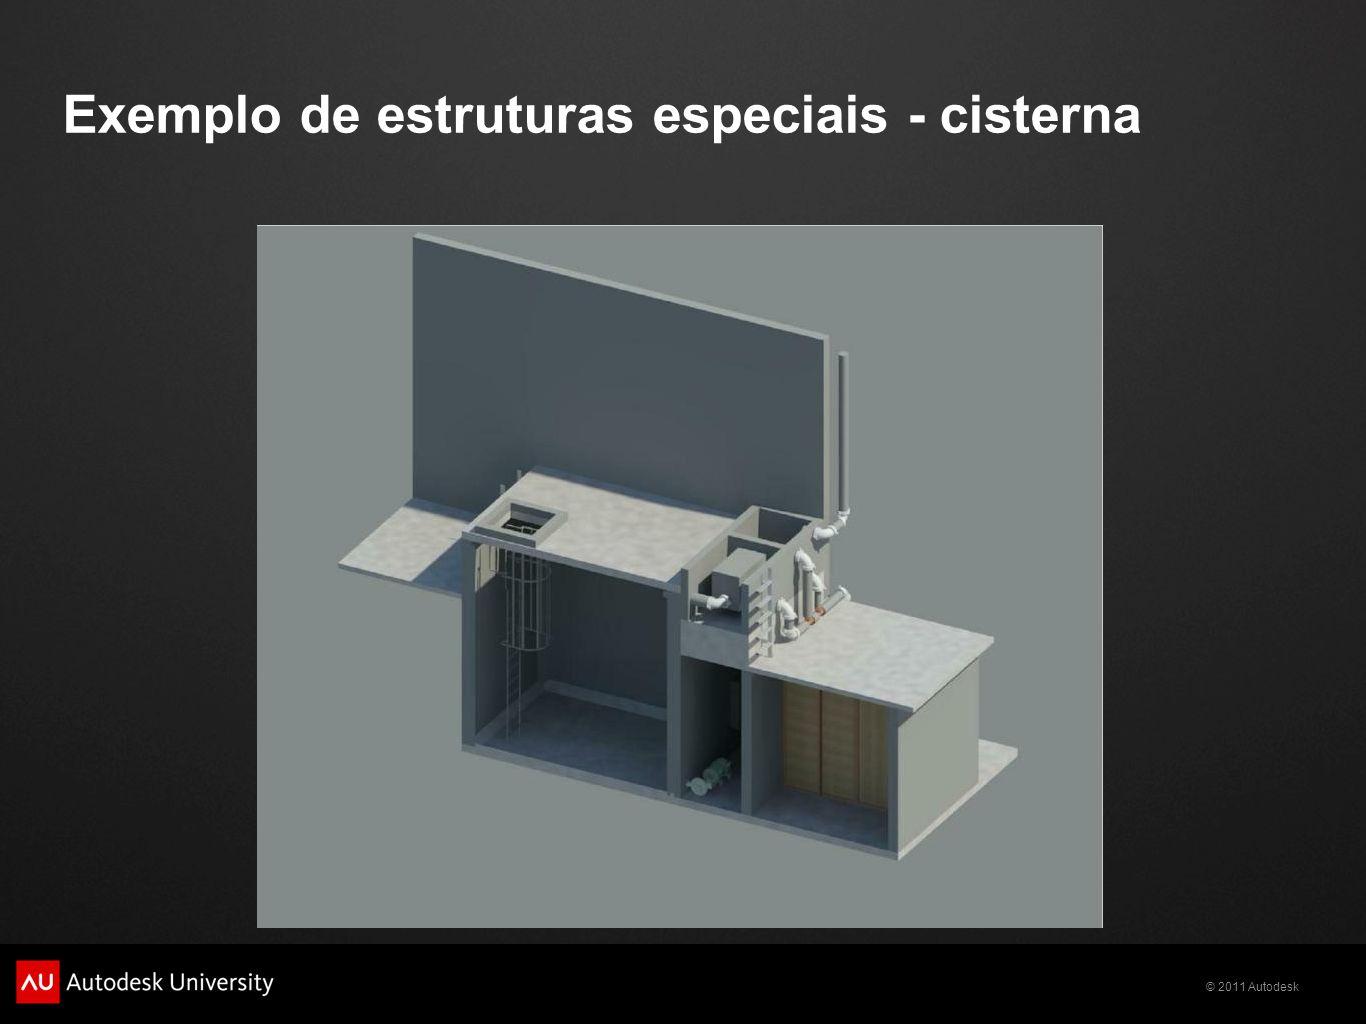 Exemplo de estruturas especiais - cisterna